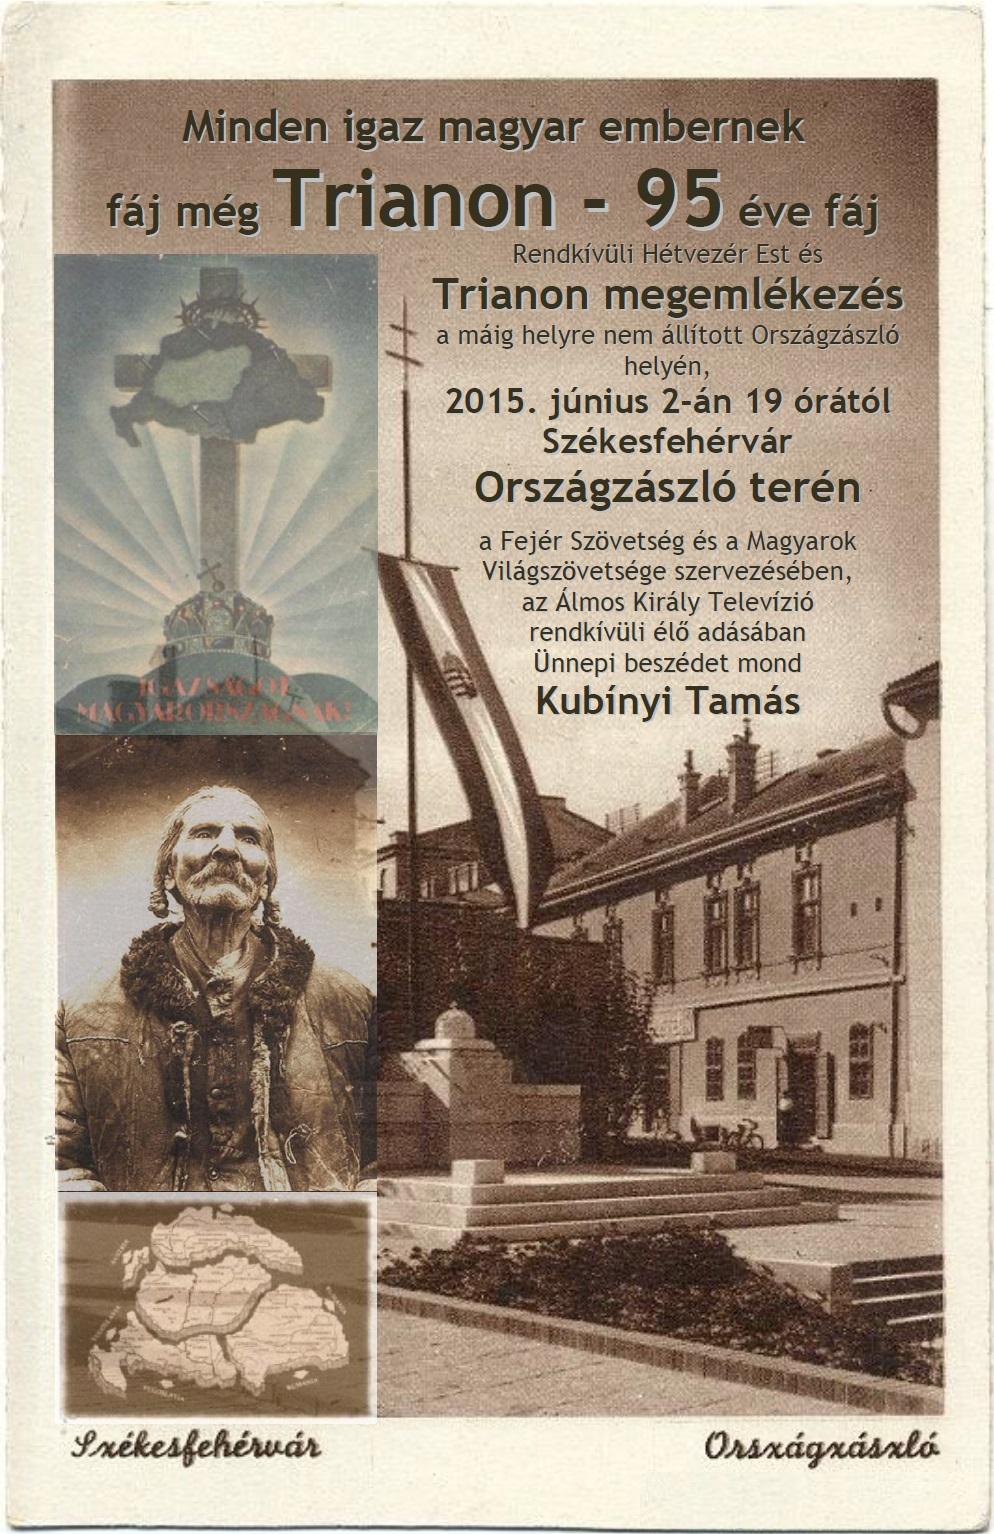 2015. június 2. Trianon 95 megemlékezés Fehérvárott a helyre nem állított Országzászló terén